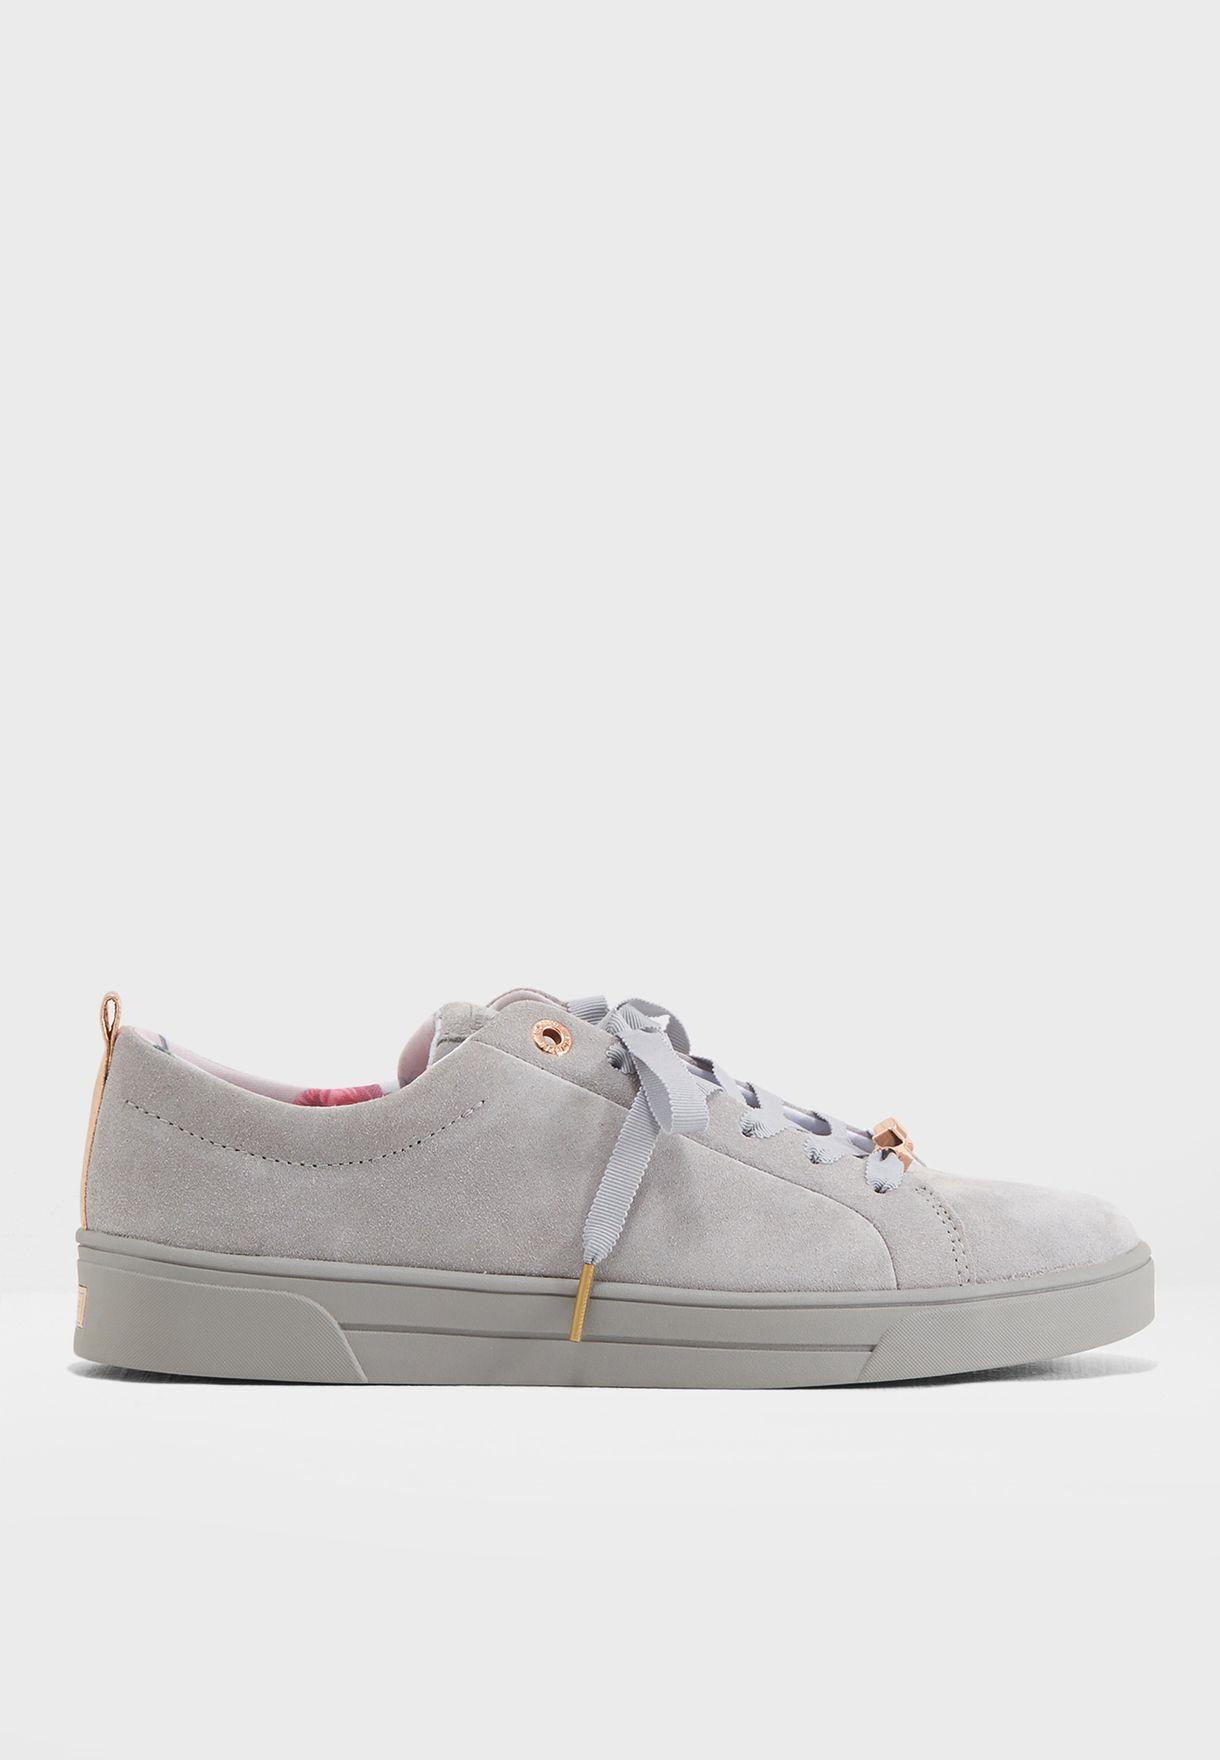 130ea0f4b31d74 Shop Ted baker grey Kelleis Casual Sneaker 917199 for Women in UAE ...